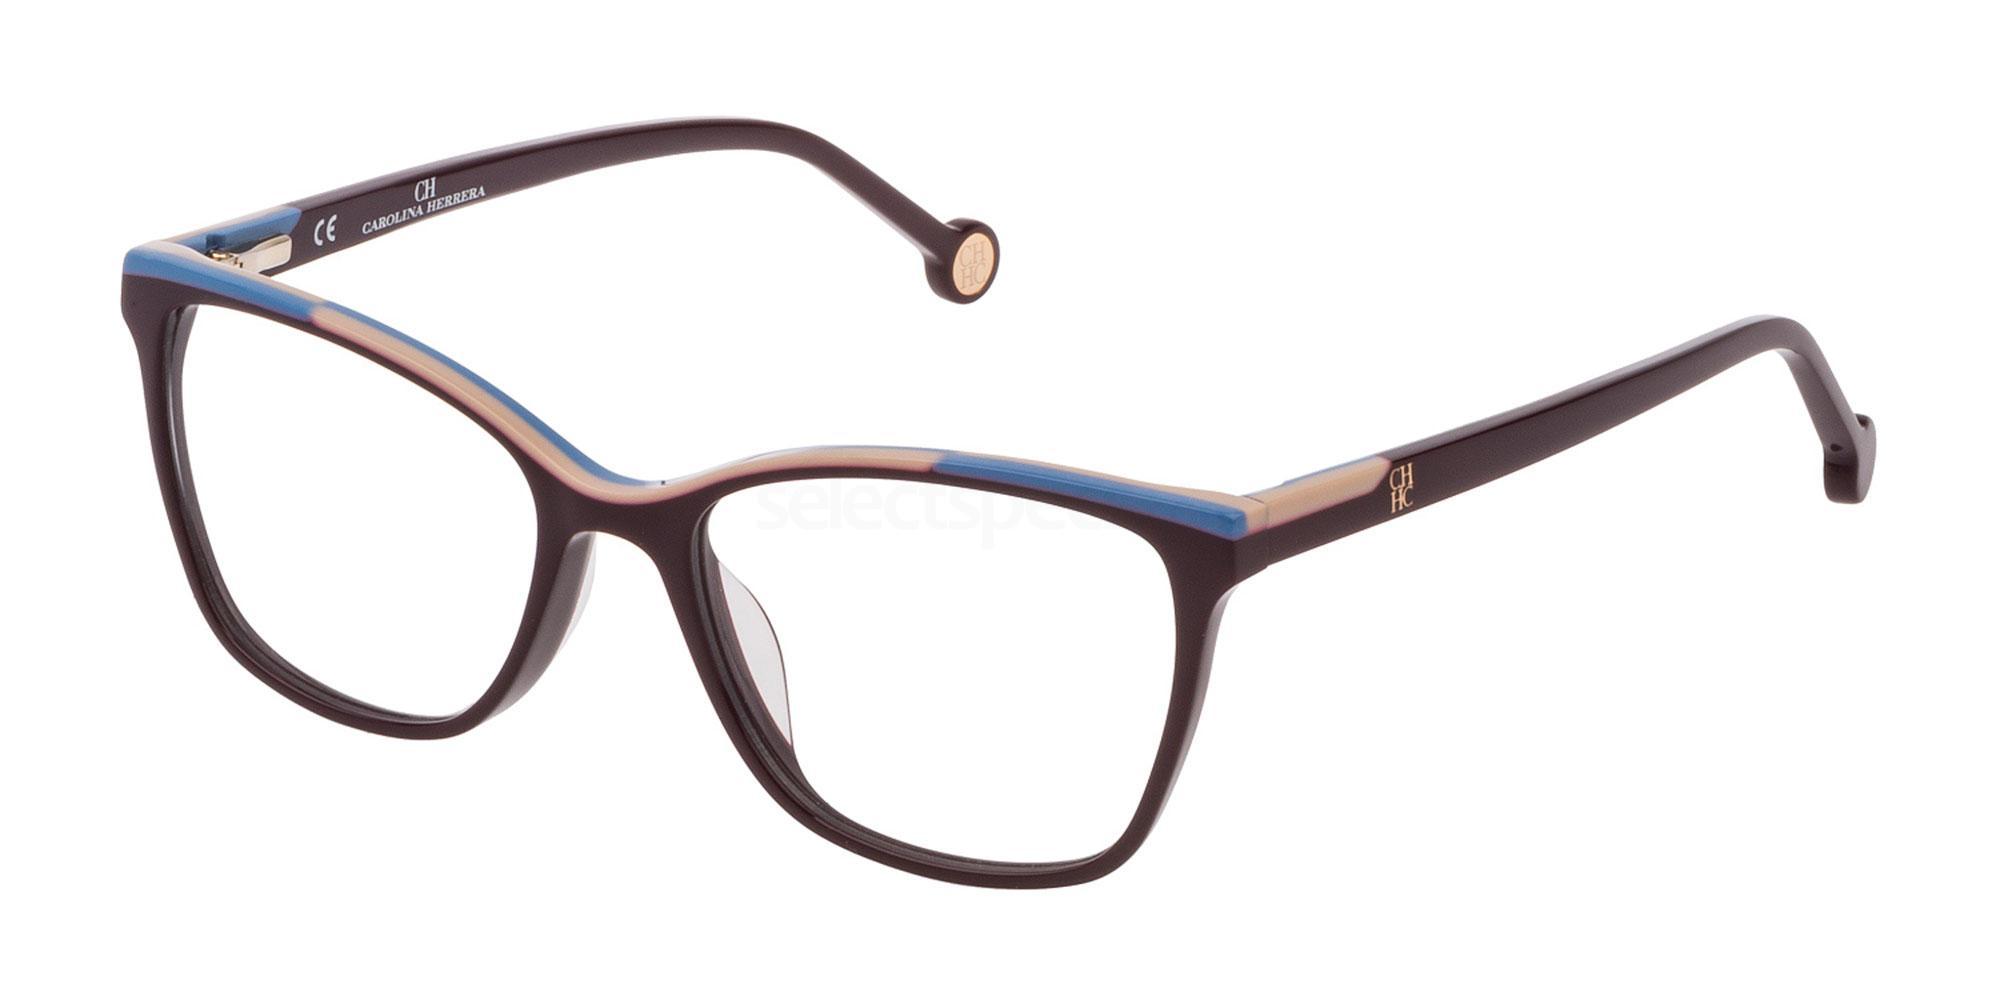 09FD VHE820L Glasses, CH Carolina Herrera